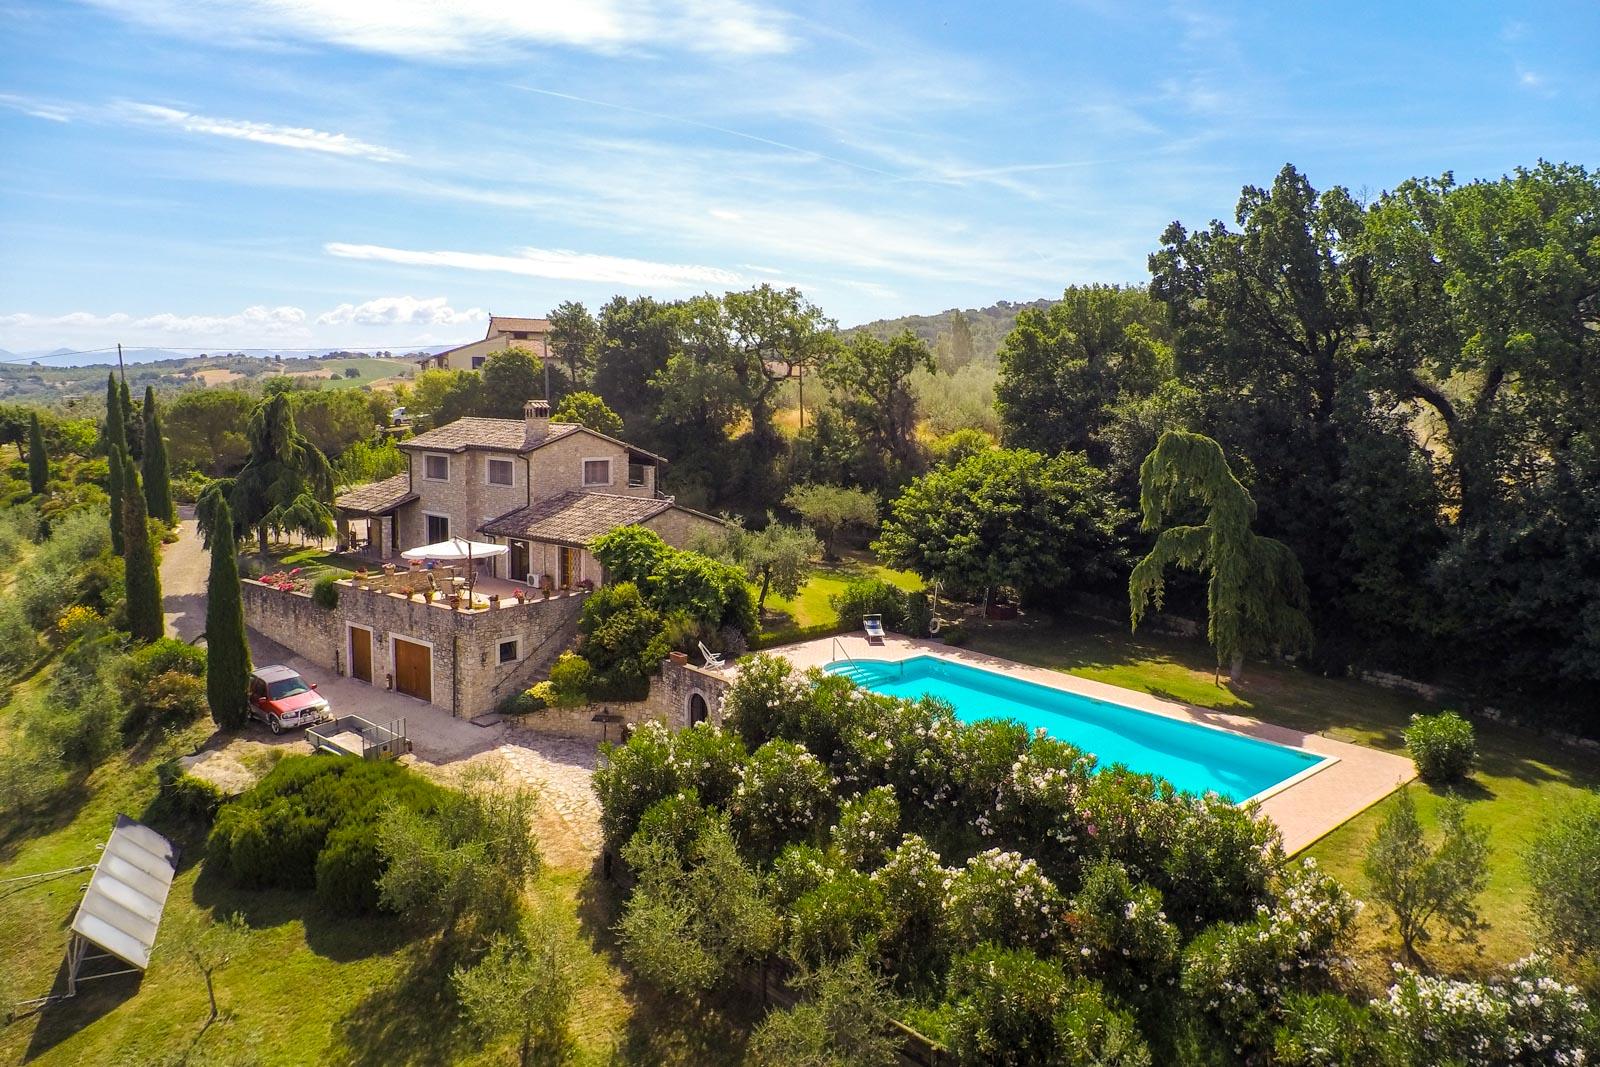 Deliziosa casa in pietra con piscina e vigneto e favolosa vista sulla campagna umbra